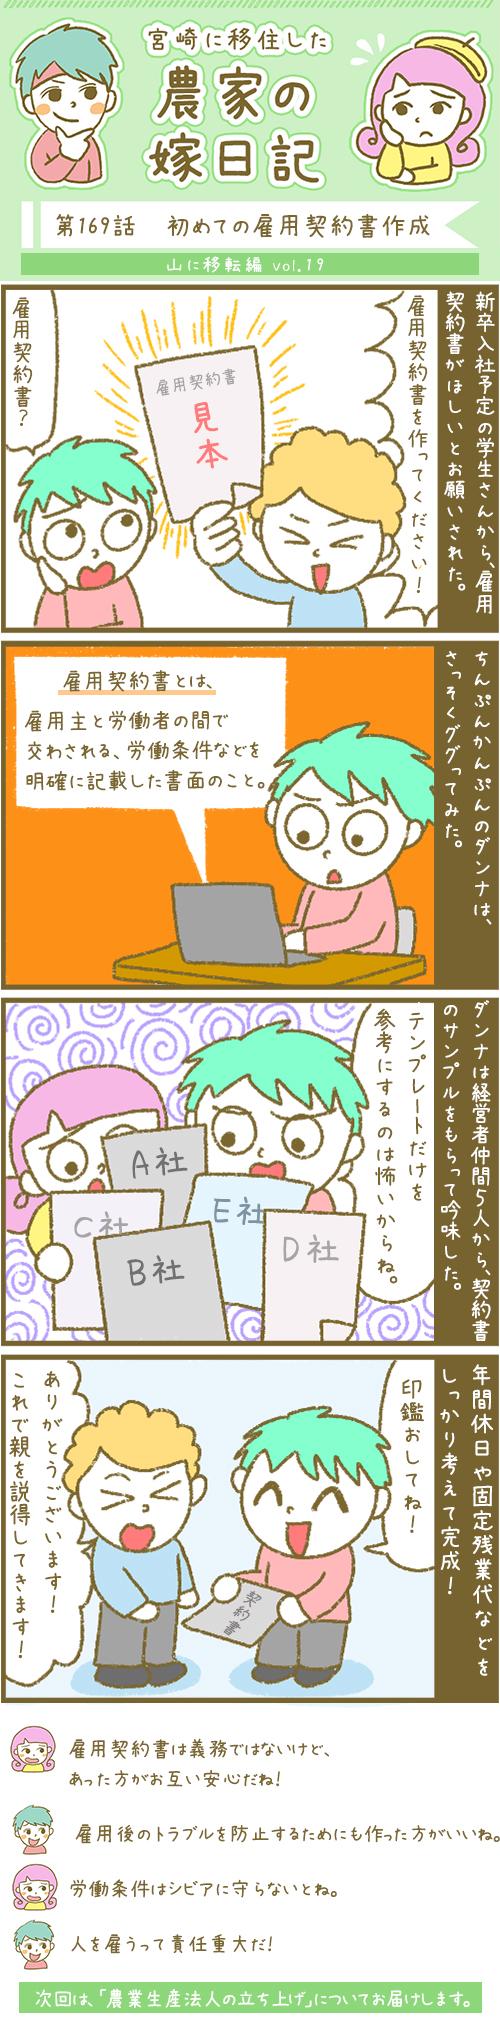 漫画第169話